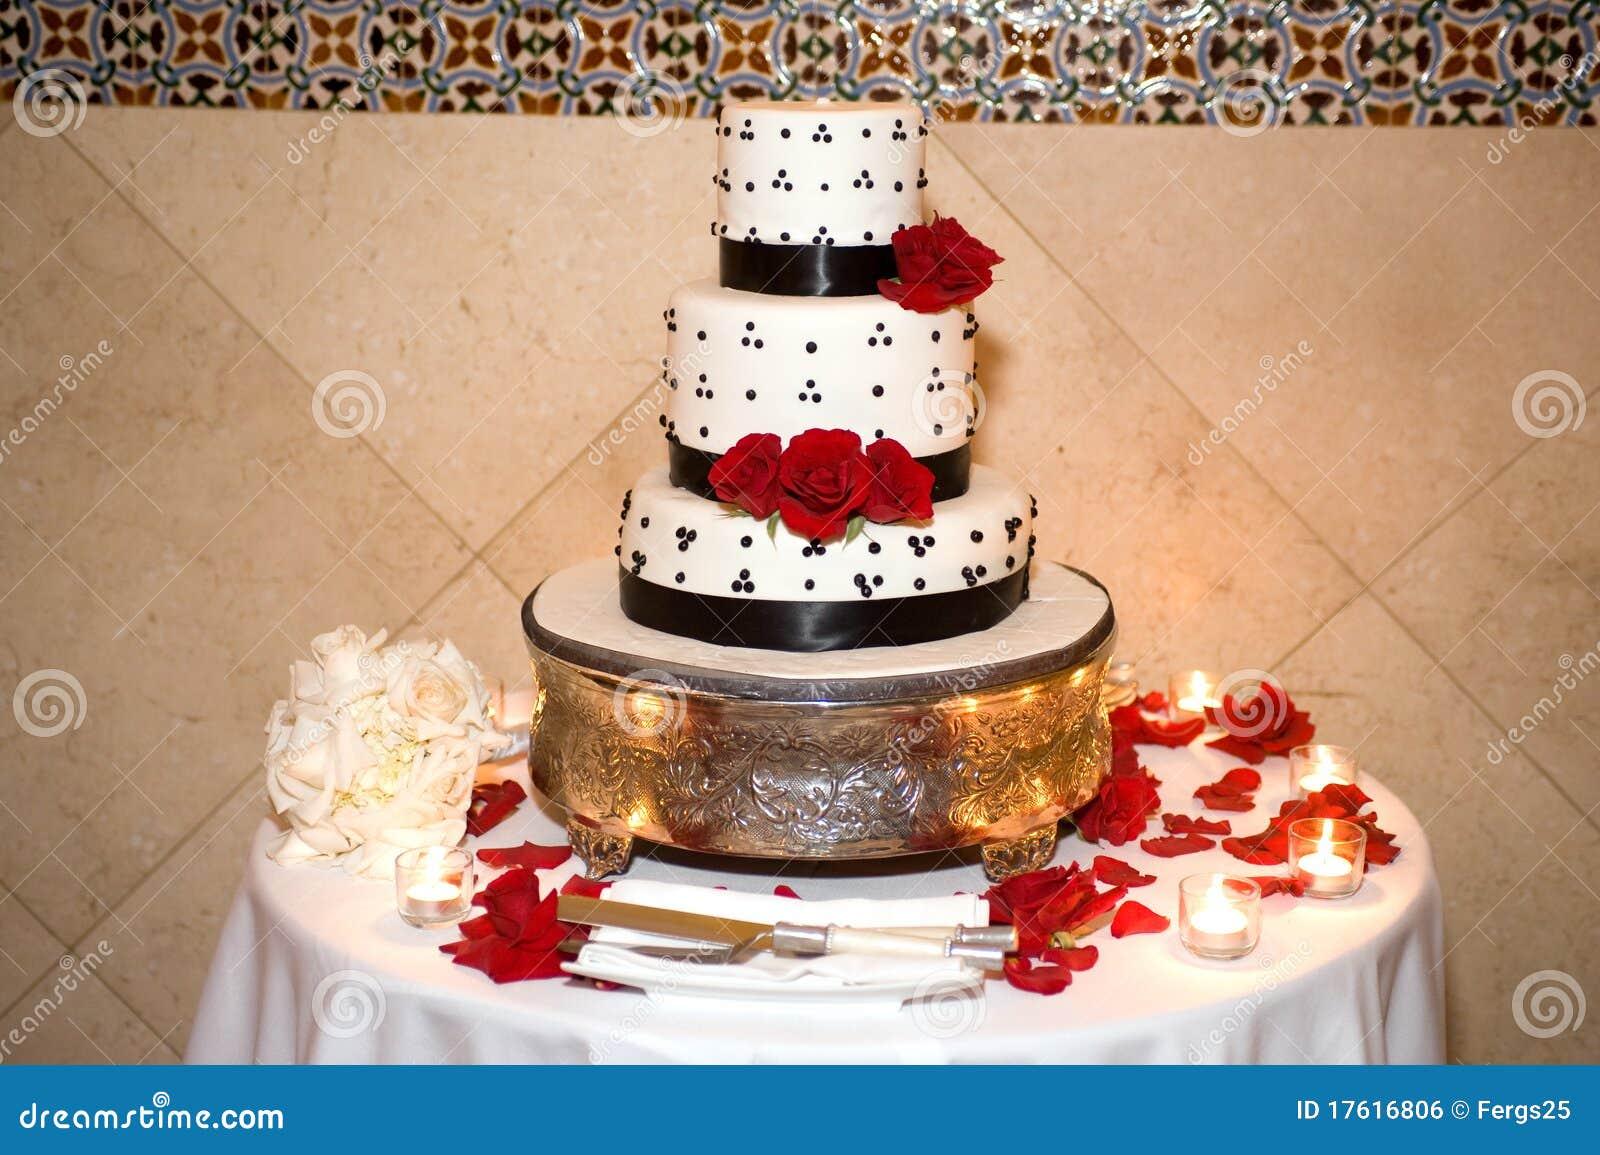 Beautiful Wedding Cake Royalty Free Stock Image Image